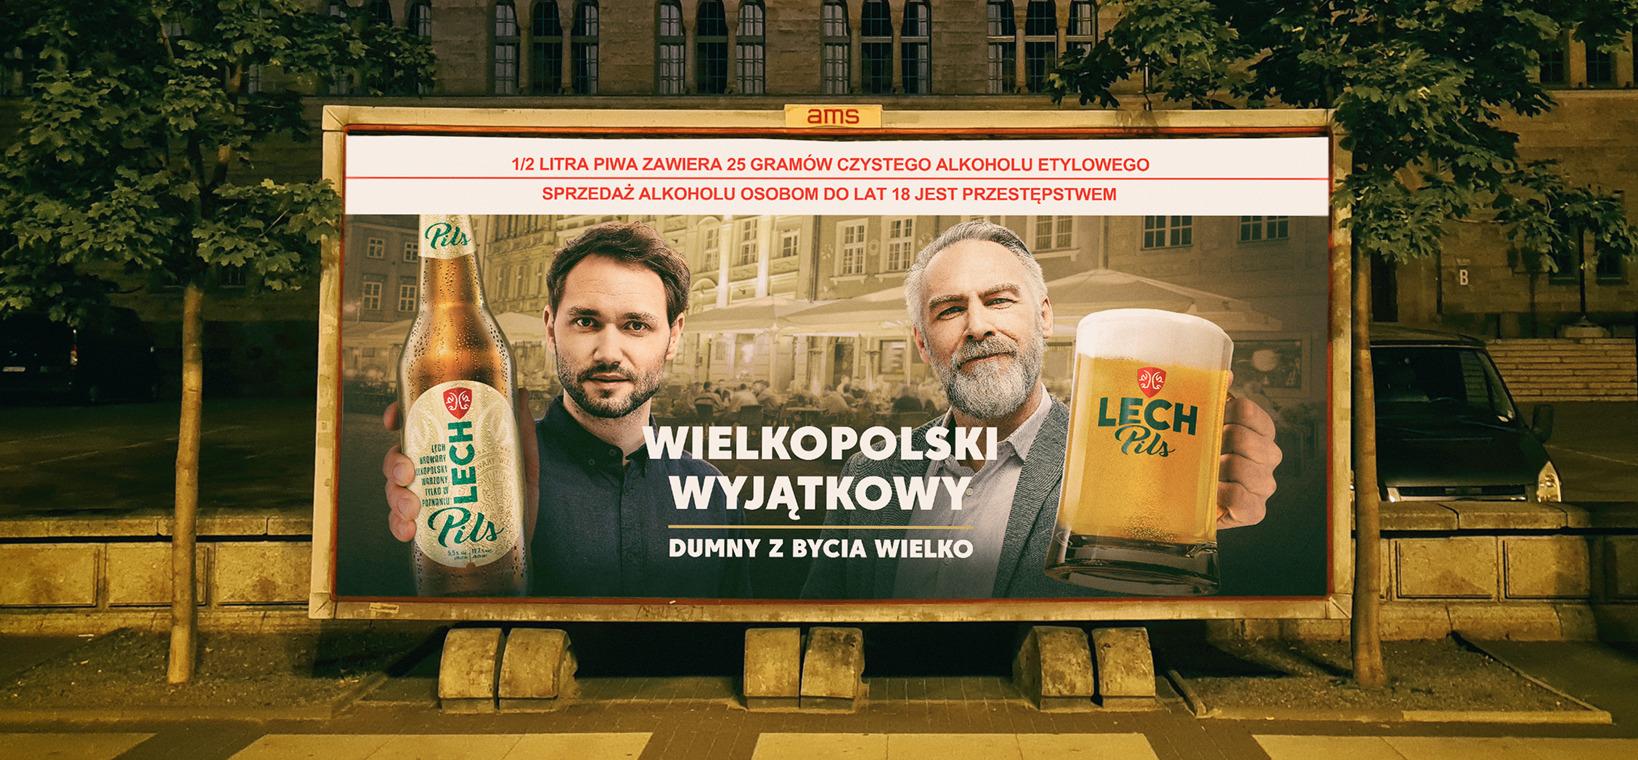 Niecodzienna codzienność Wielko Pilsa - billboard